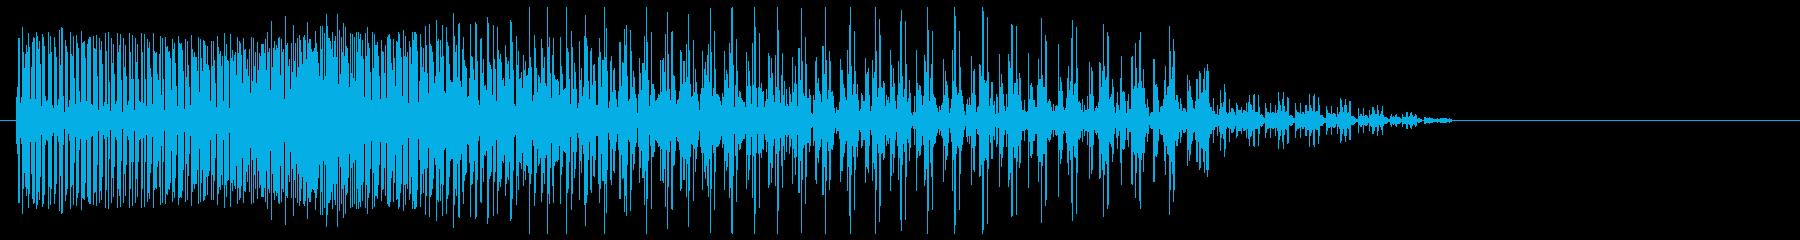 時間・重力系魔法#2の再生済みの波形